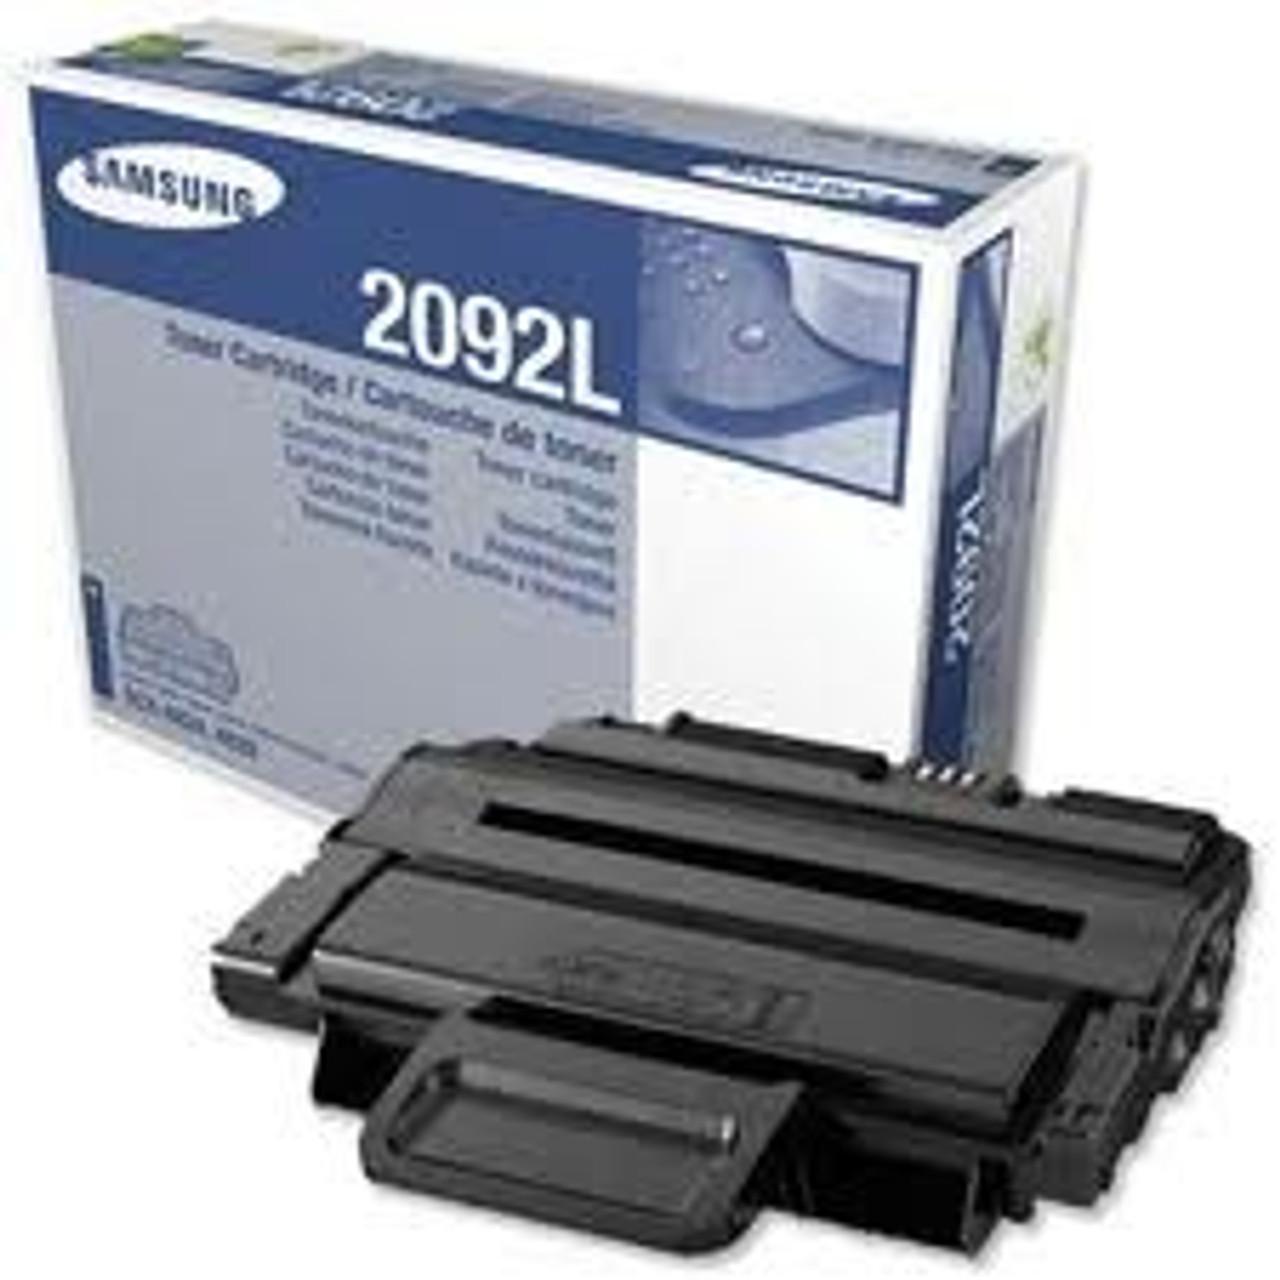 High Capacity Samsung Mlt-d2092l Original Black Toner Cartridge (Mlt-d2092l/els Laser Printer Cartridge)